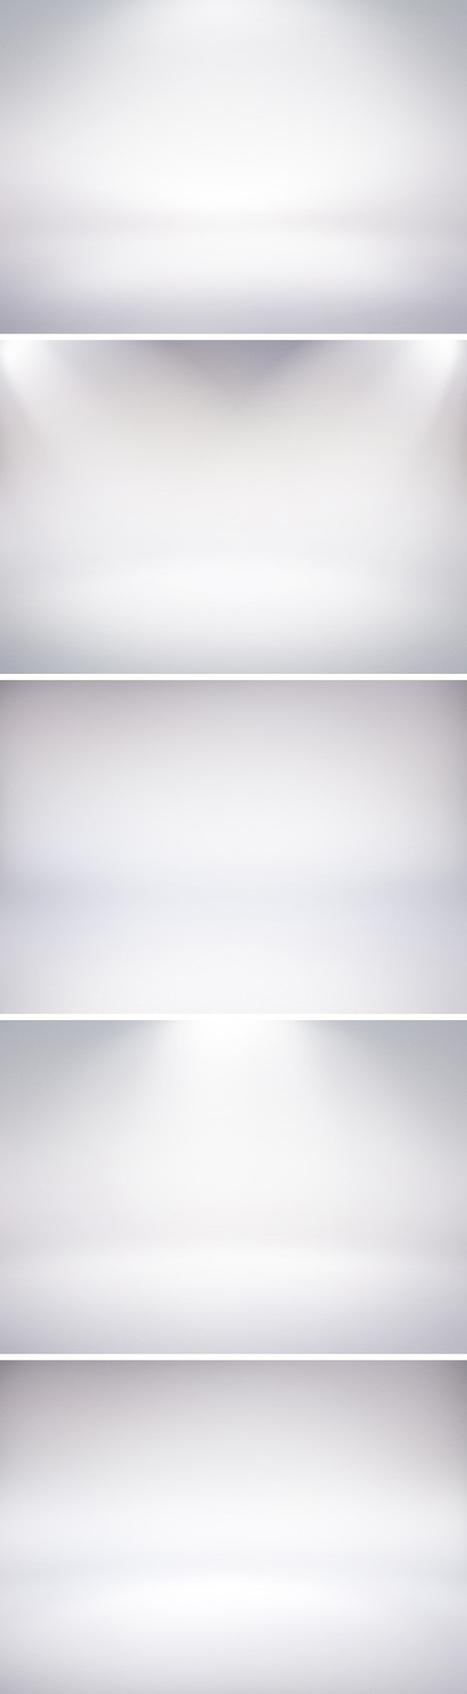 5 Infinite White Studio Backdrops | triptico | Scoop.it